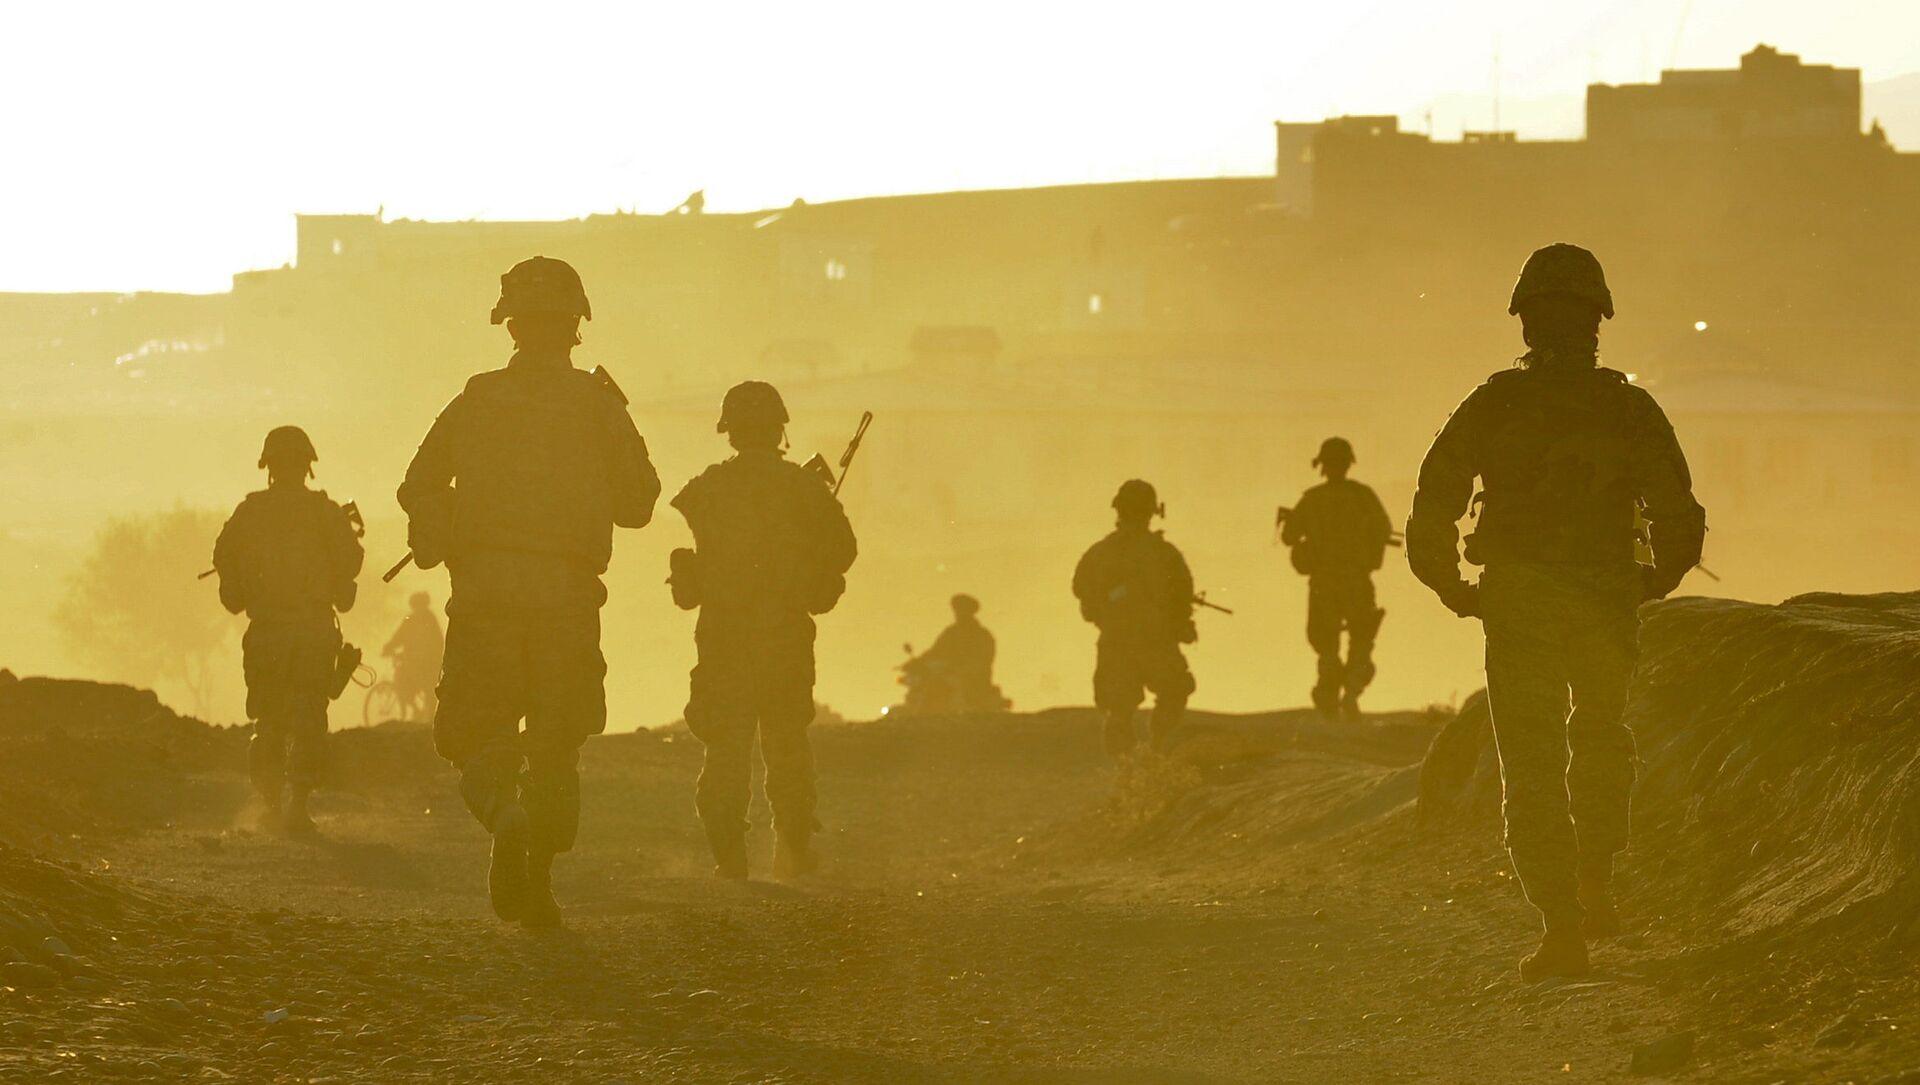 Американские военнослужащие возвращаются на базу после патрулирования территории возле города Калат, Афганистан - Sputnik 日本, 1920, 09.07.2021